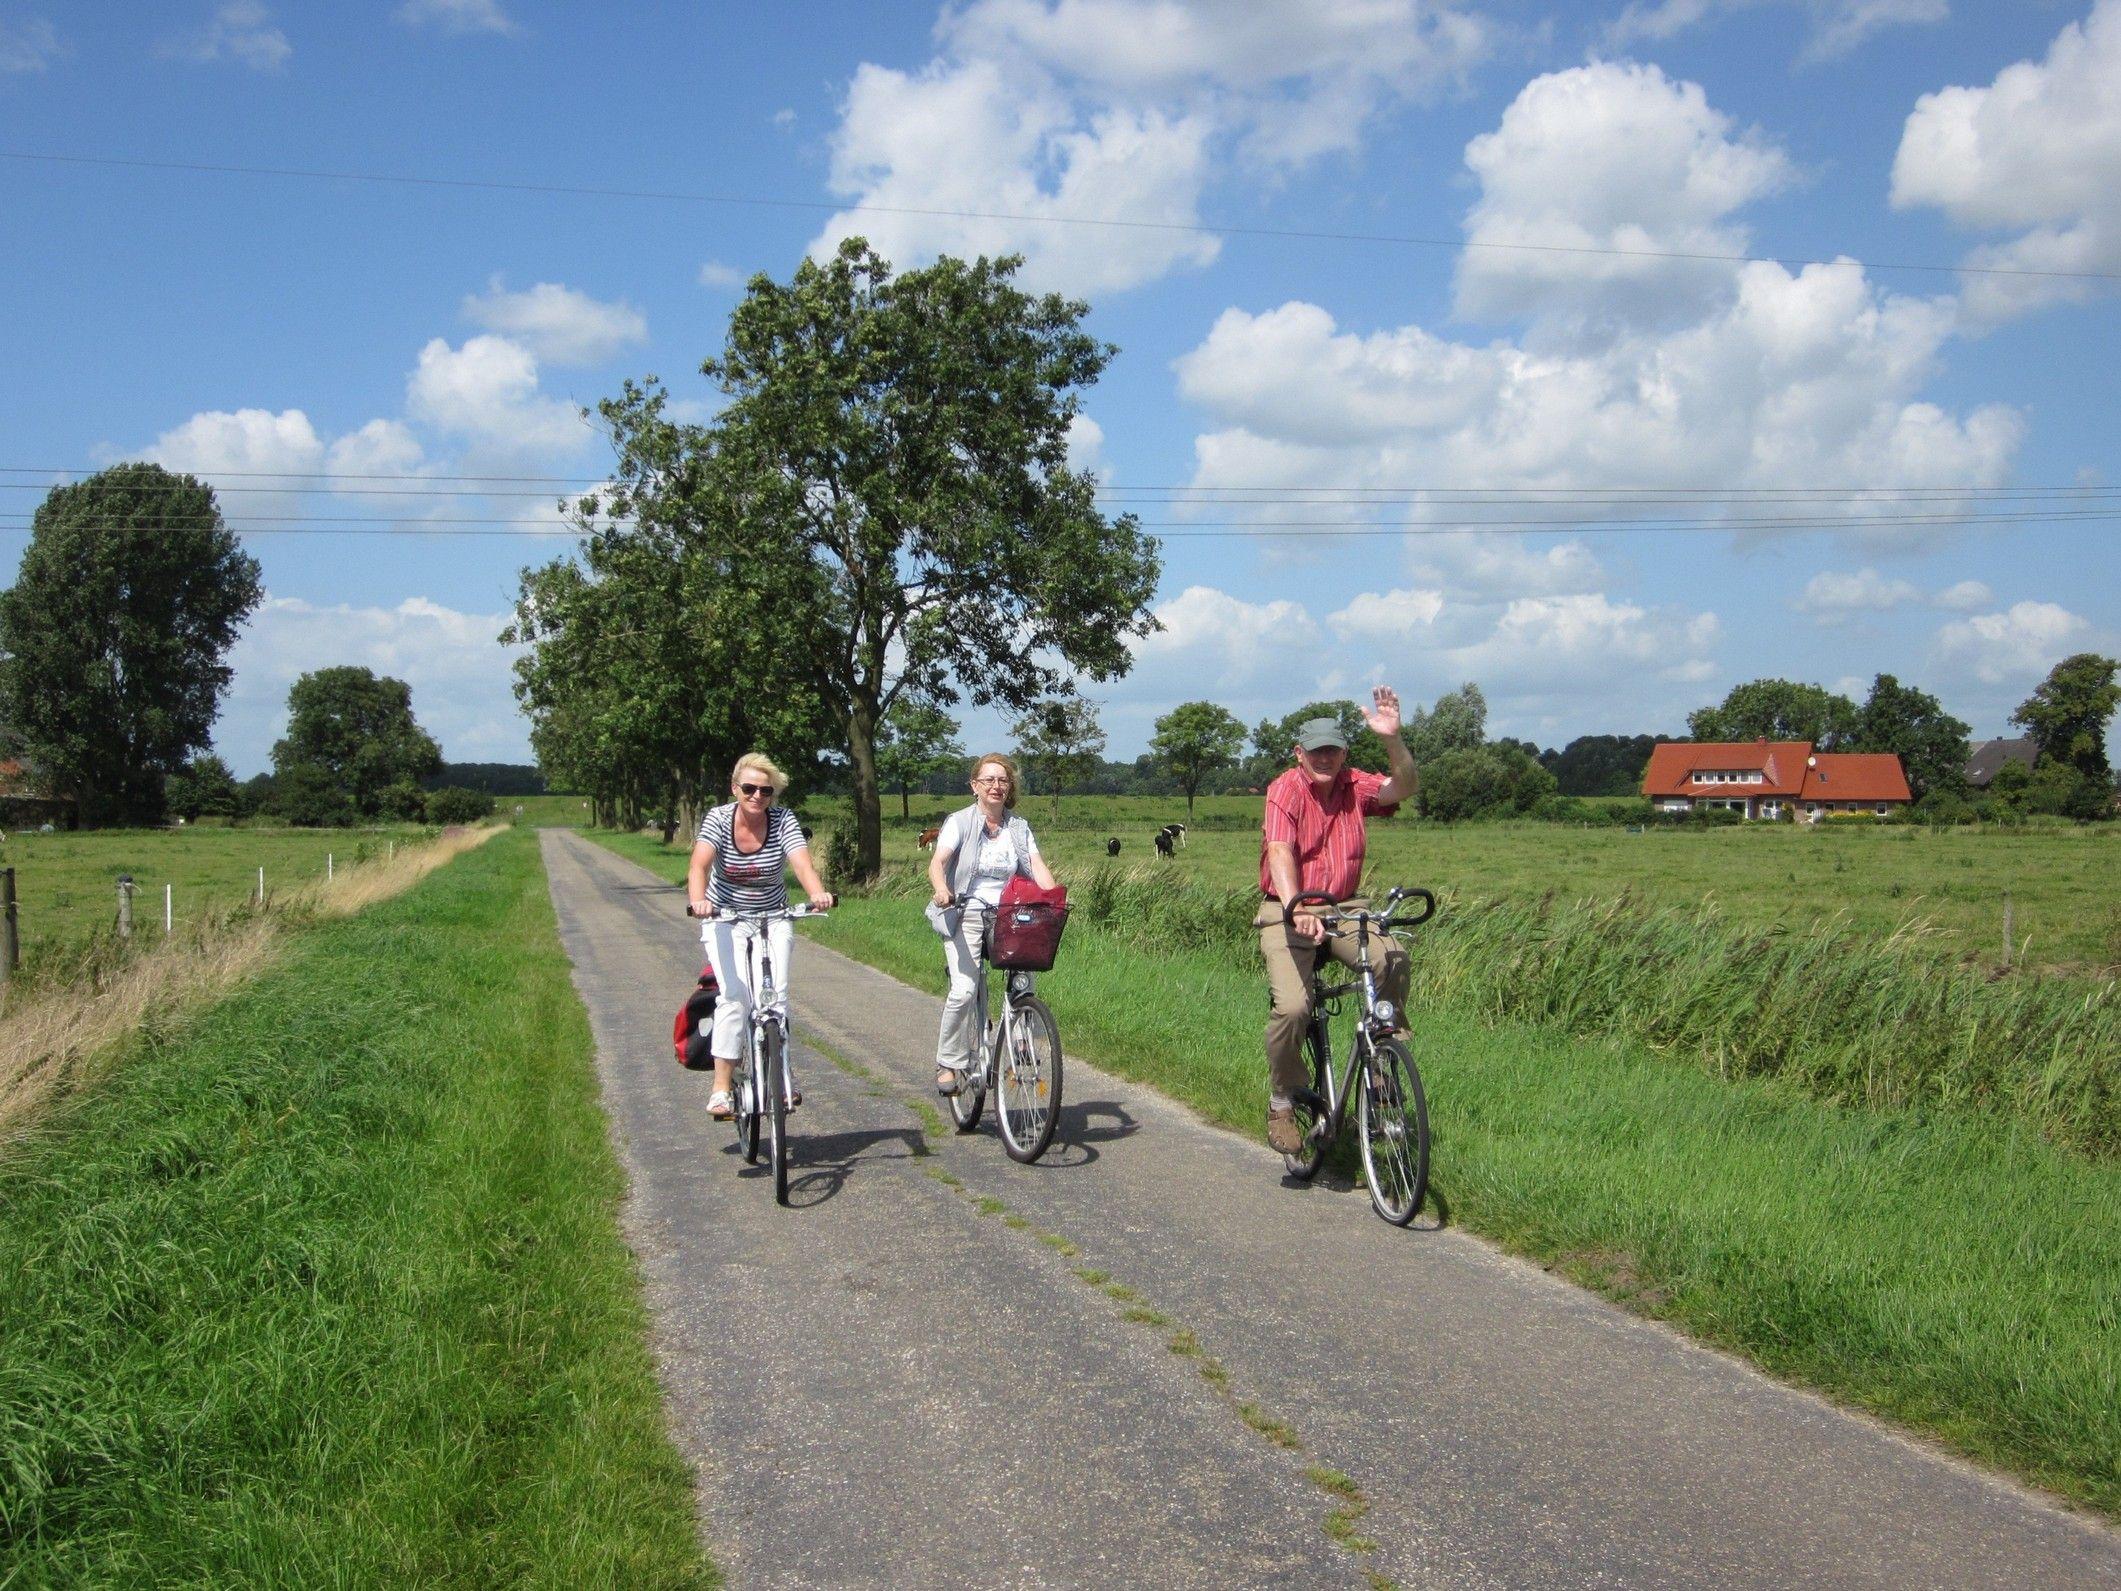 Rhauderfehn Bietet Tolle Naturnahe Radwege Ein Fahrradtour Lohnt Sich Ostfriesland Urlaub Radfahren Ostfriesland